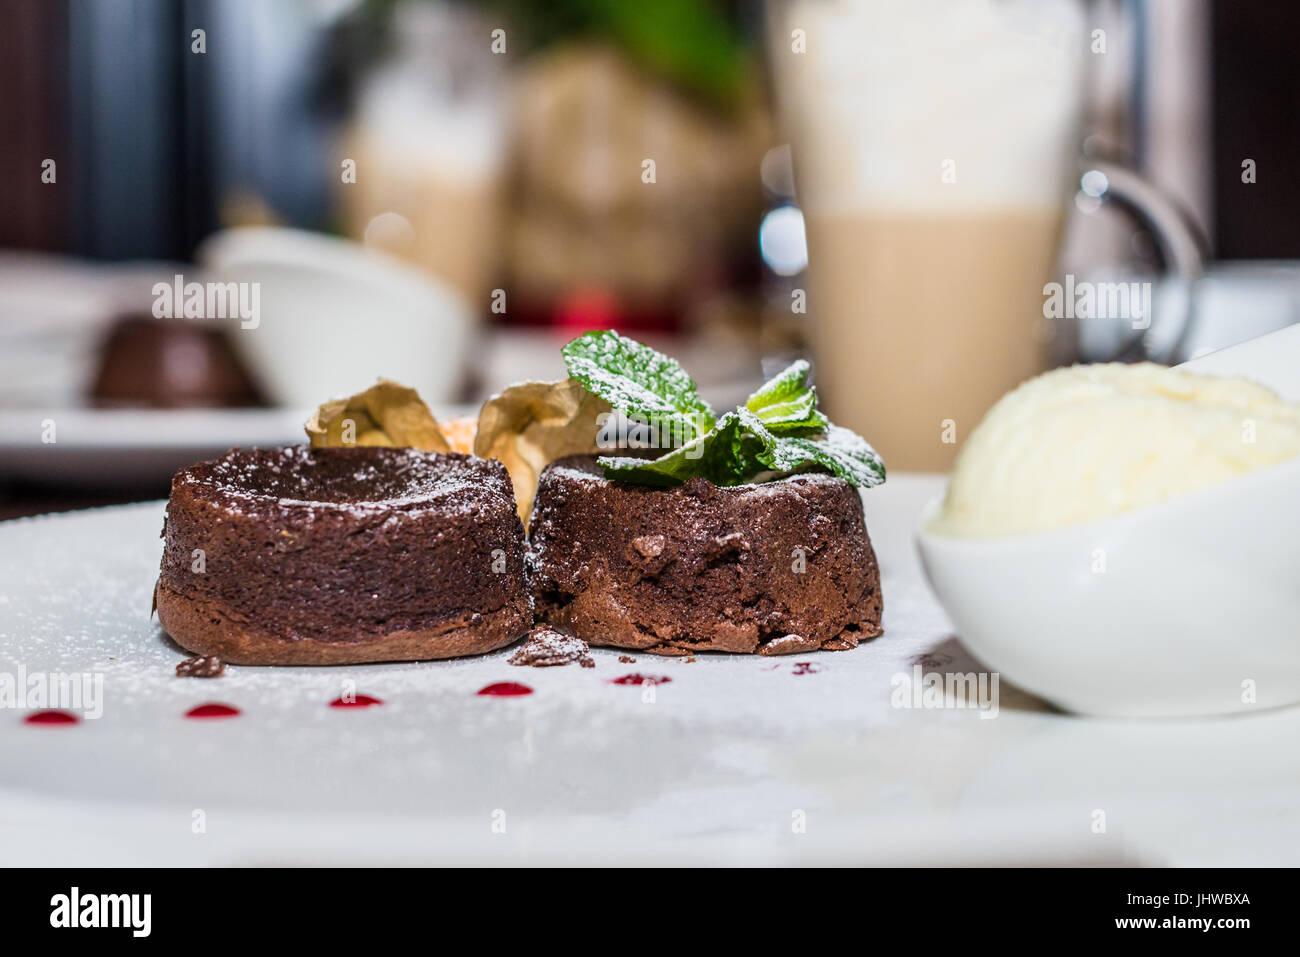 Tarta de chocolate de postre caliente Imagen De Stock